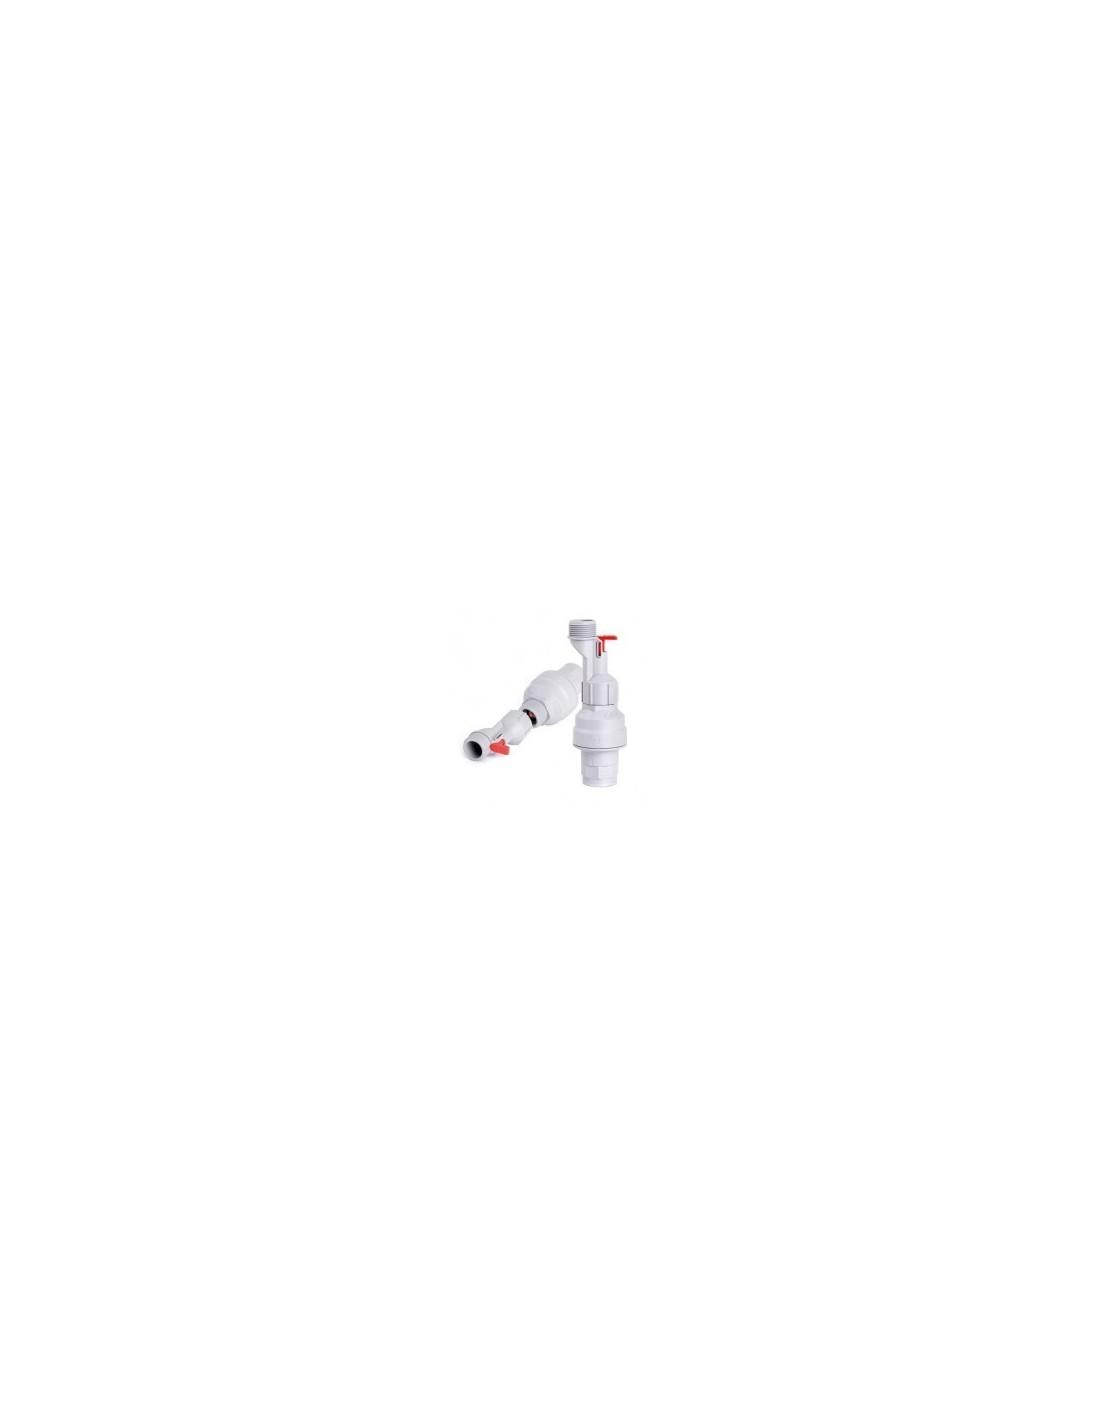 VEN01867 - Aqua Stop avstängningsventil